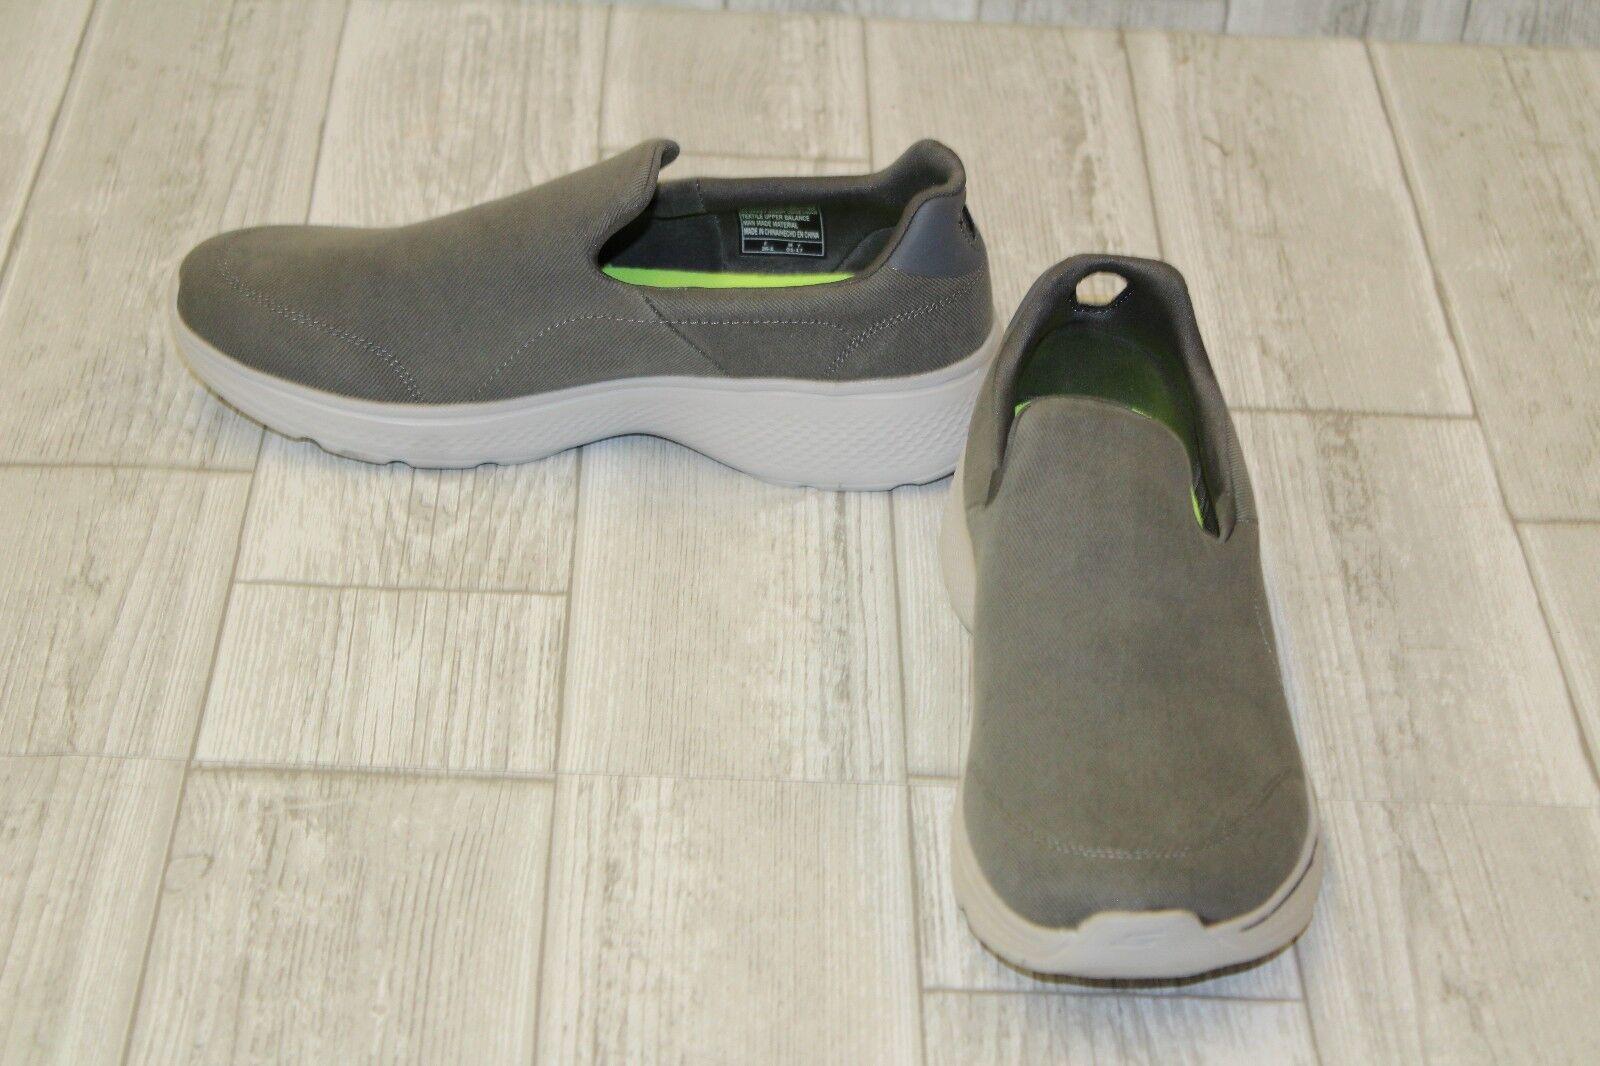 Skechers Goga Max Slip Ons-Men's size 8.5 Grey